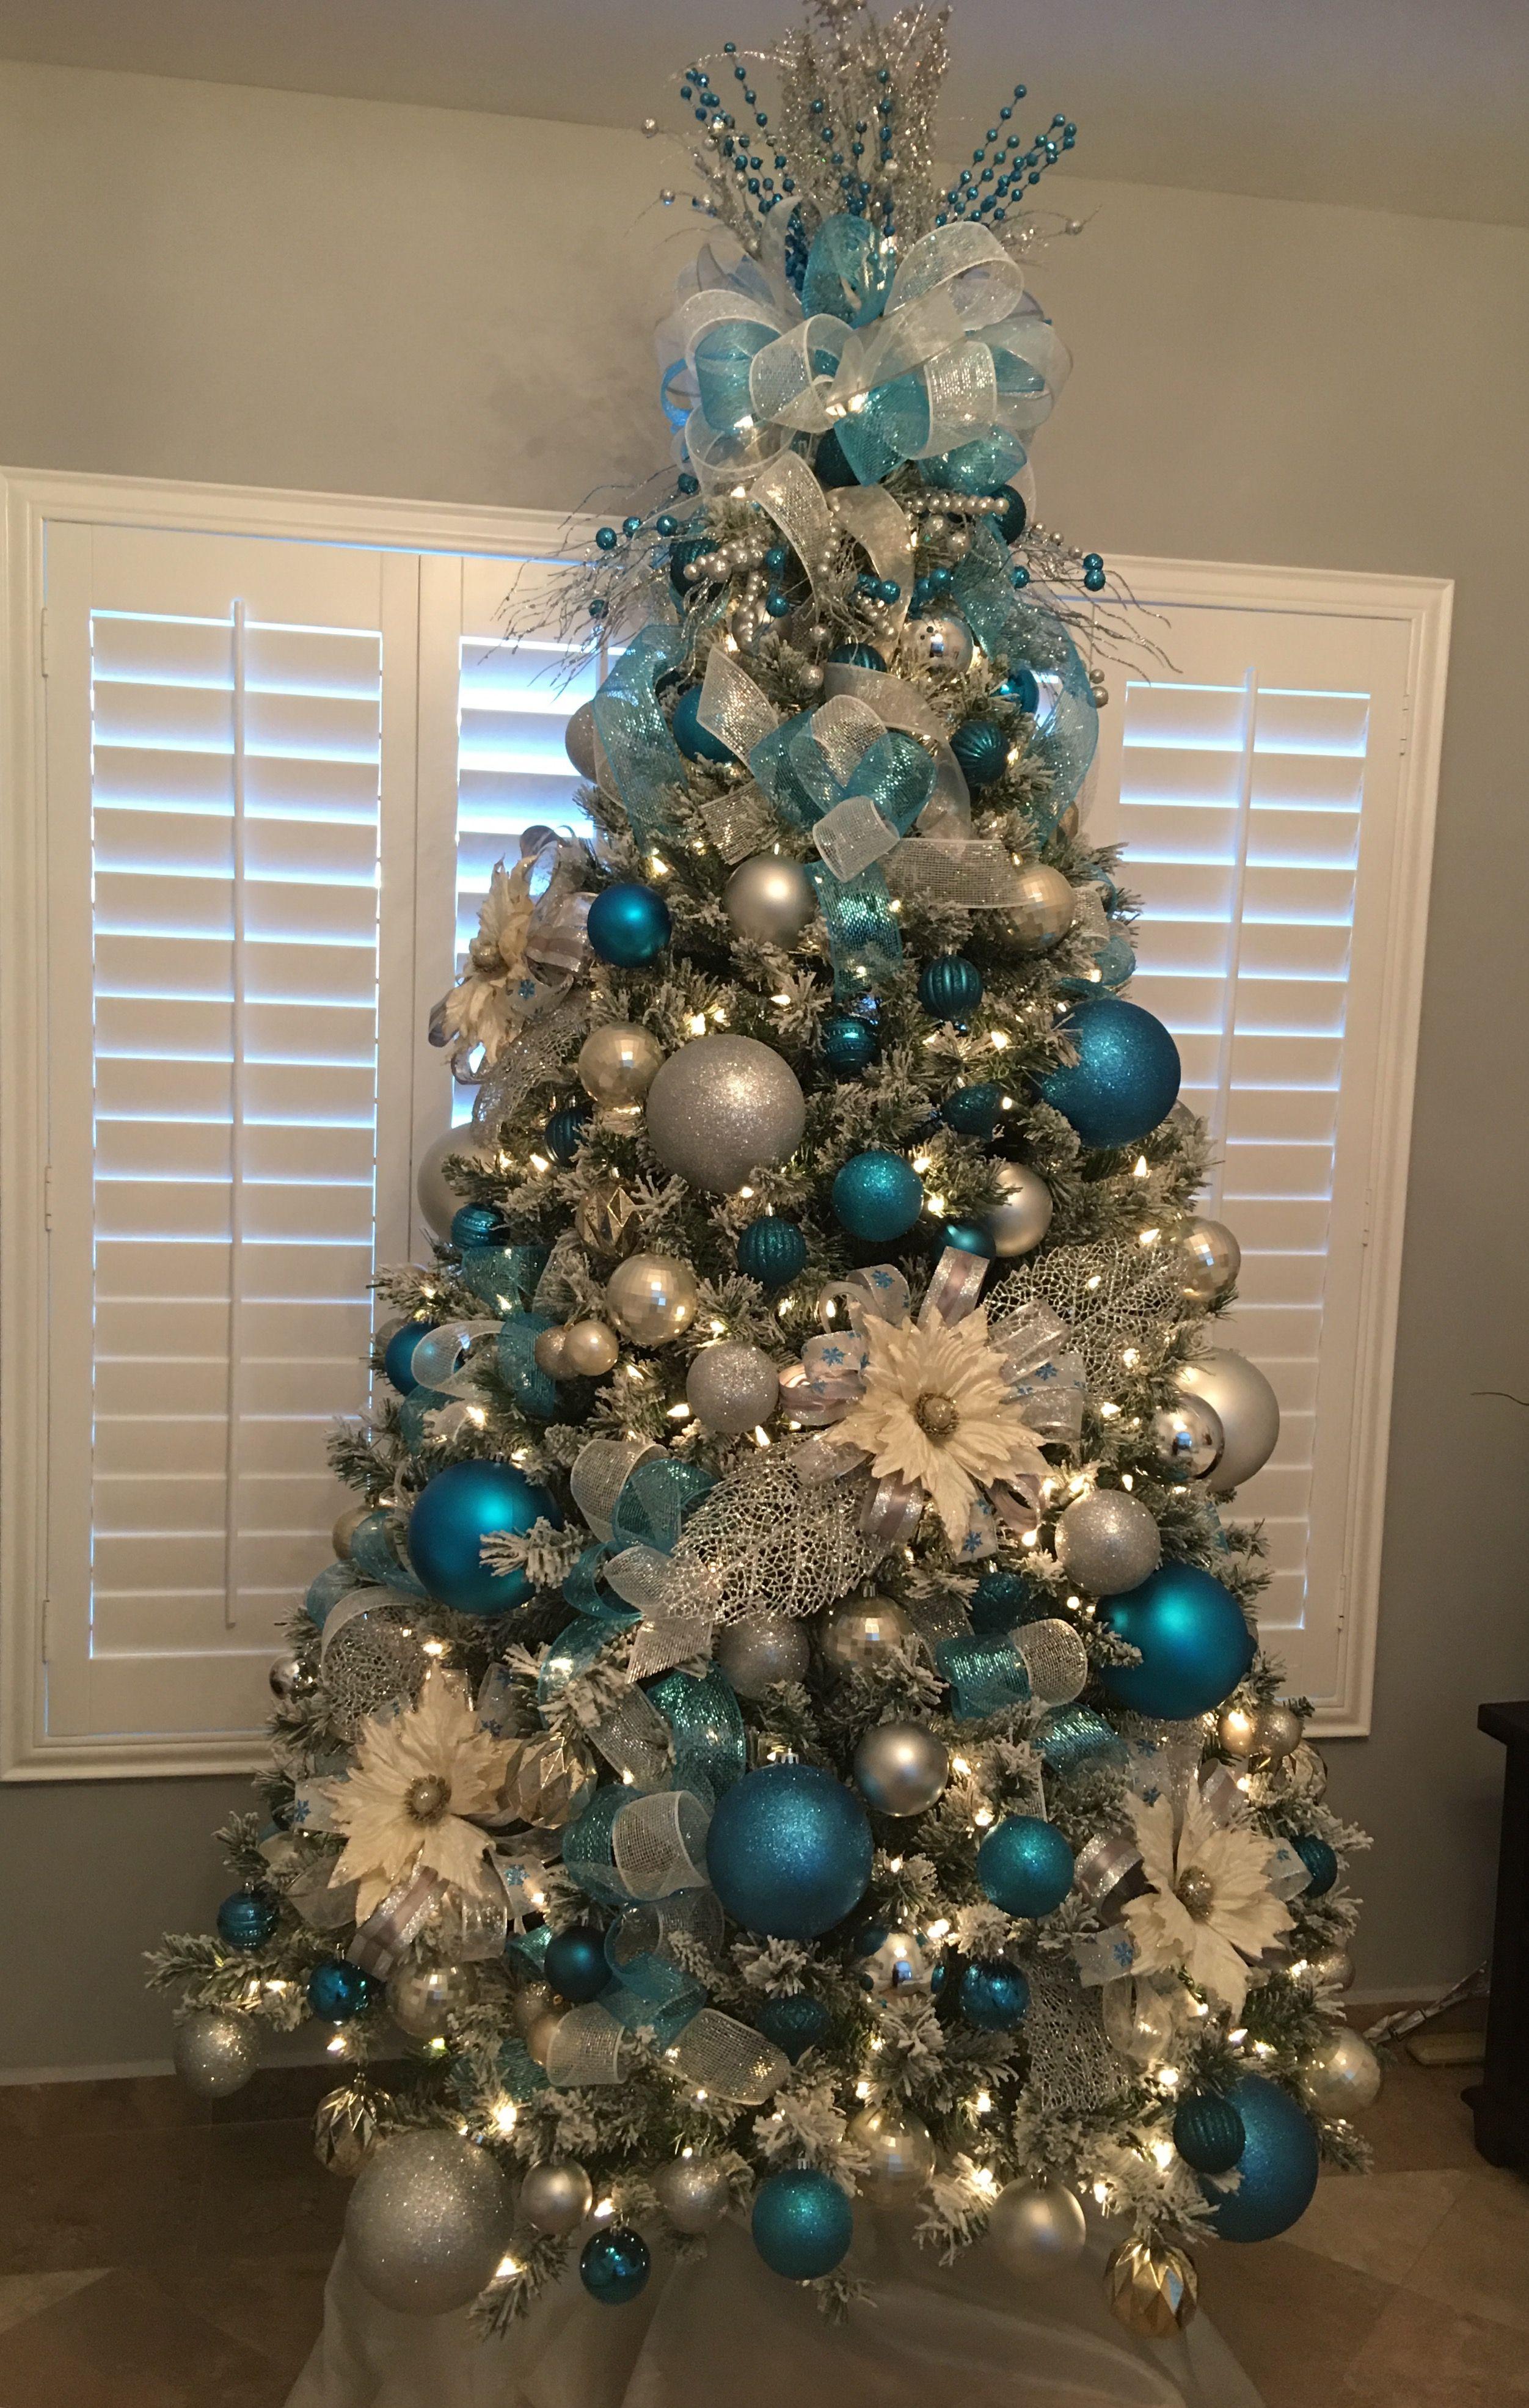 Pin By Gerilee Alvarez On Xmas Trees Elegant Christmas Trees Blue Christmas Tree Decorations Silver Christmas Tree